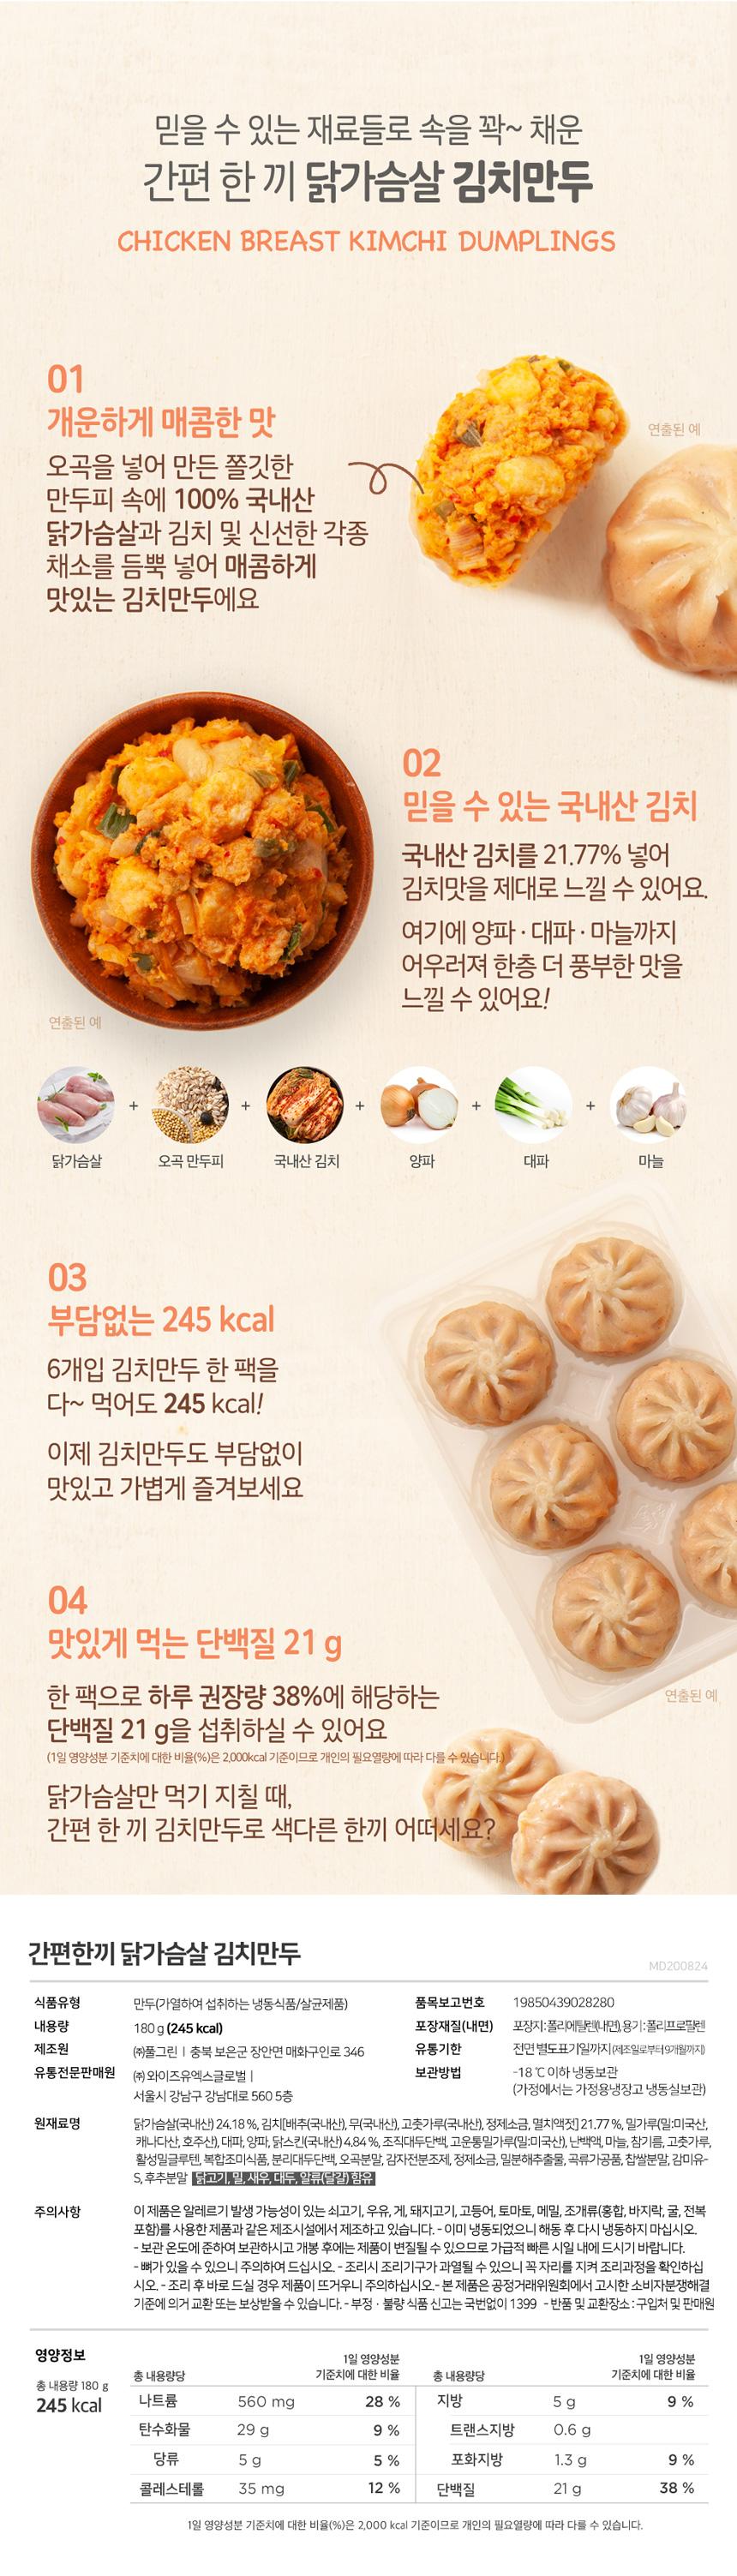 06_400_02_detail_kimchi_mandu.jpg